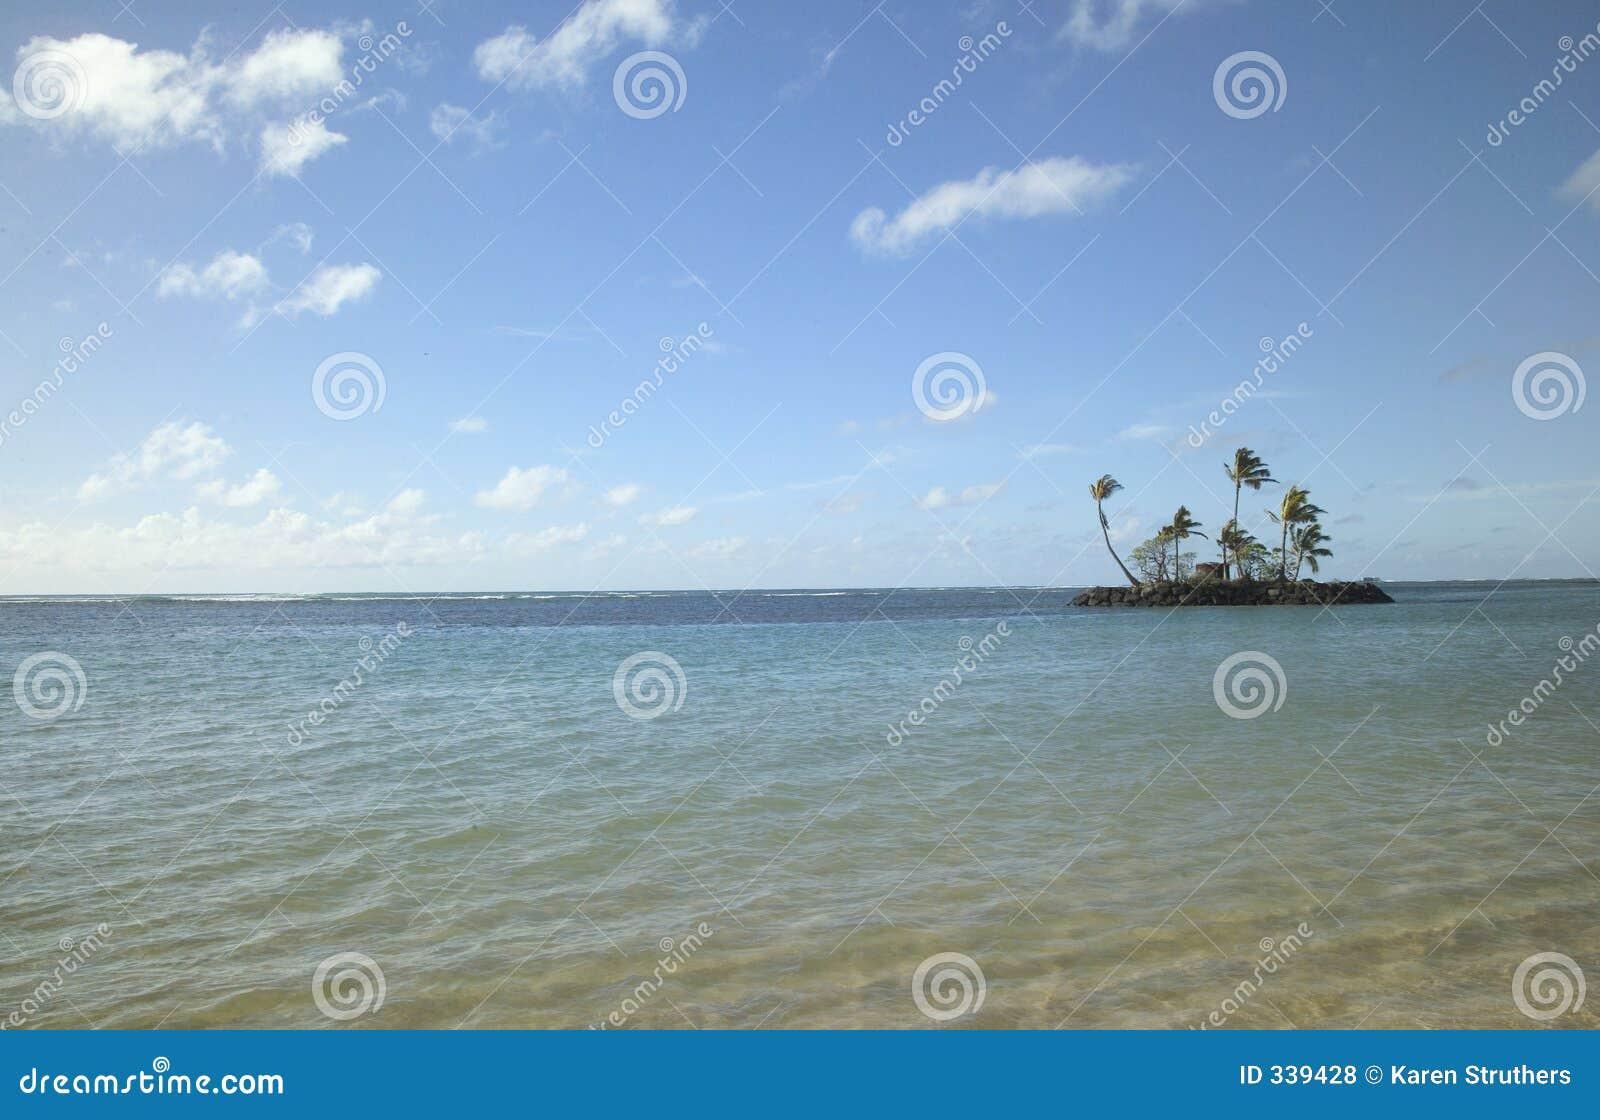 Console de deserto minúsculo em Havaí